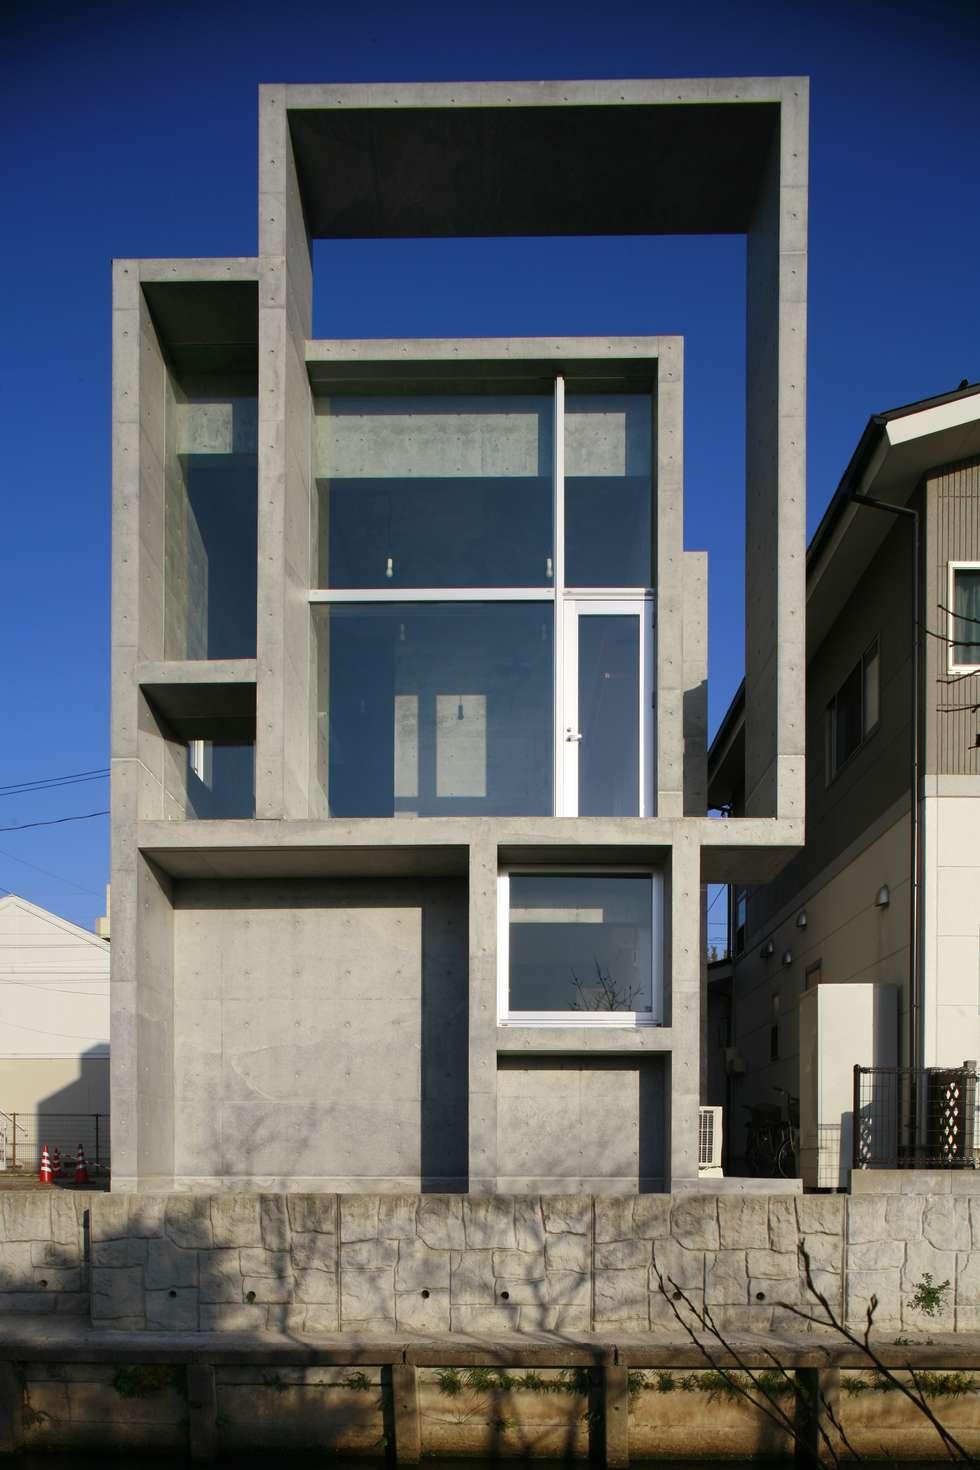 西側。河とグランドを臨む。: 白根博紀建築設計事務所が手掛けた家です。